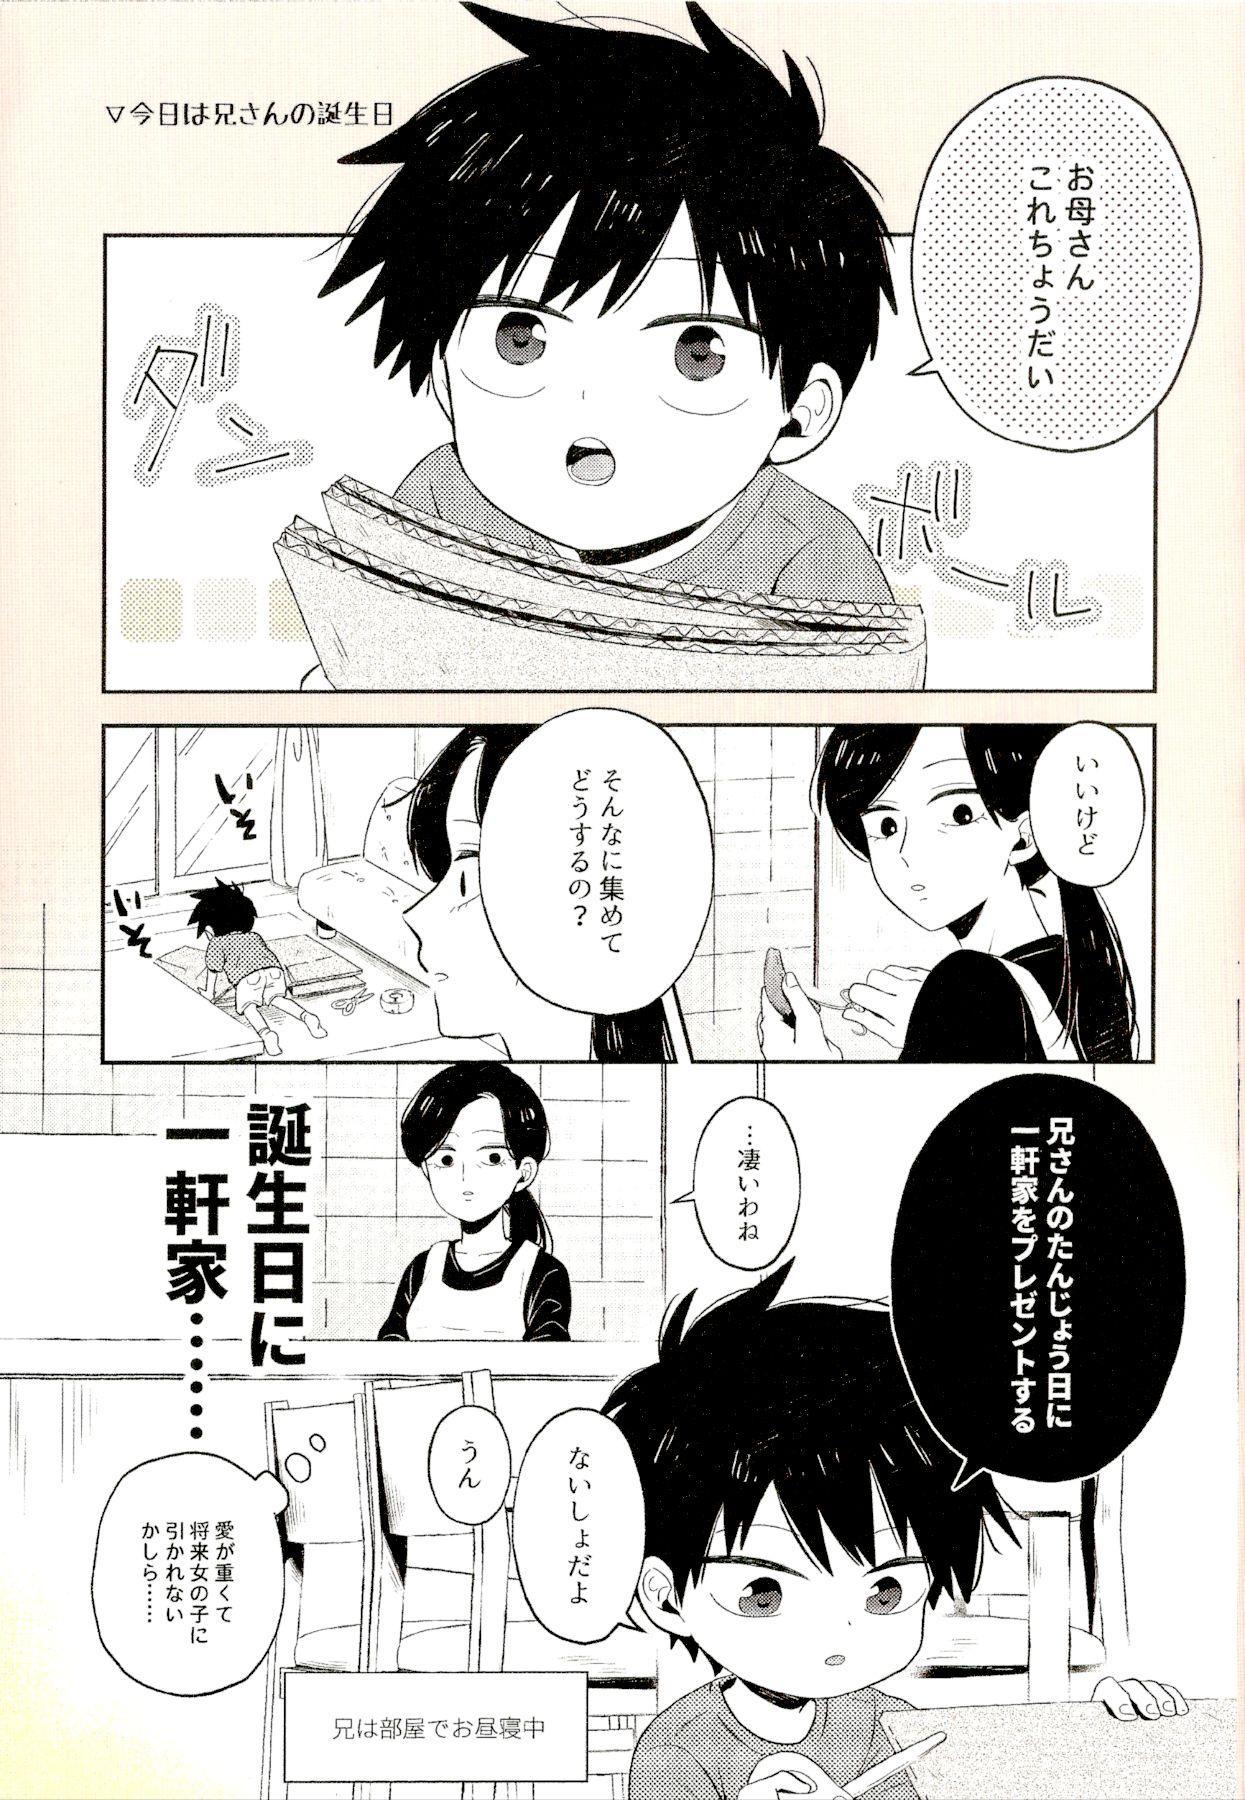 Kyojitsu 53